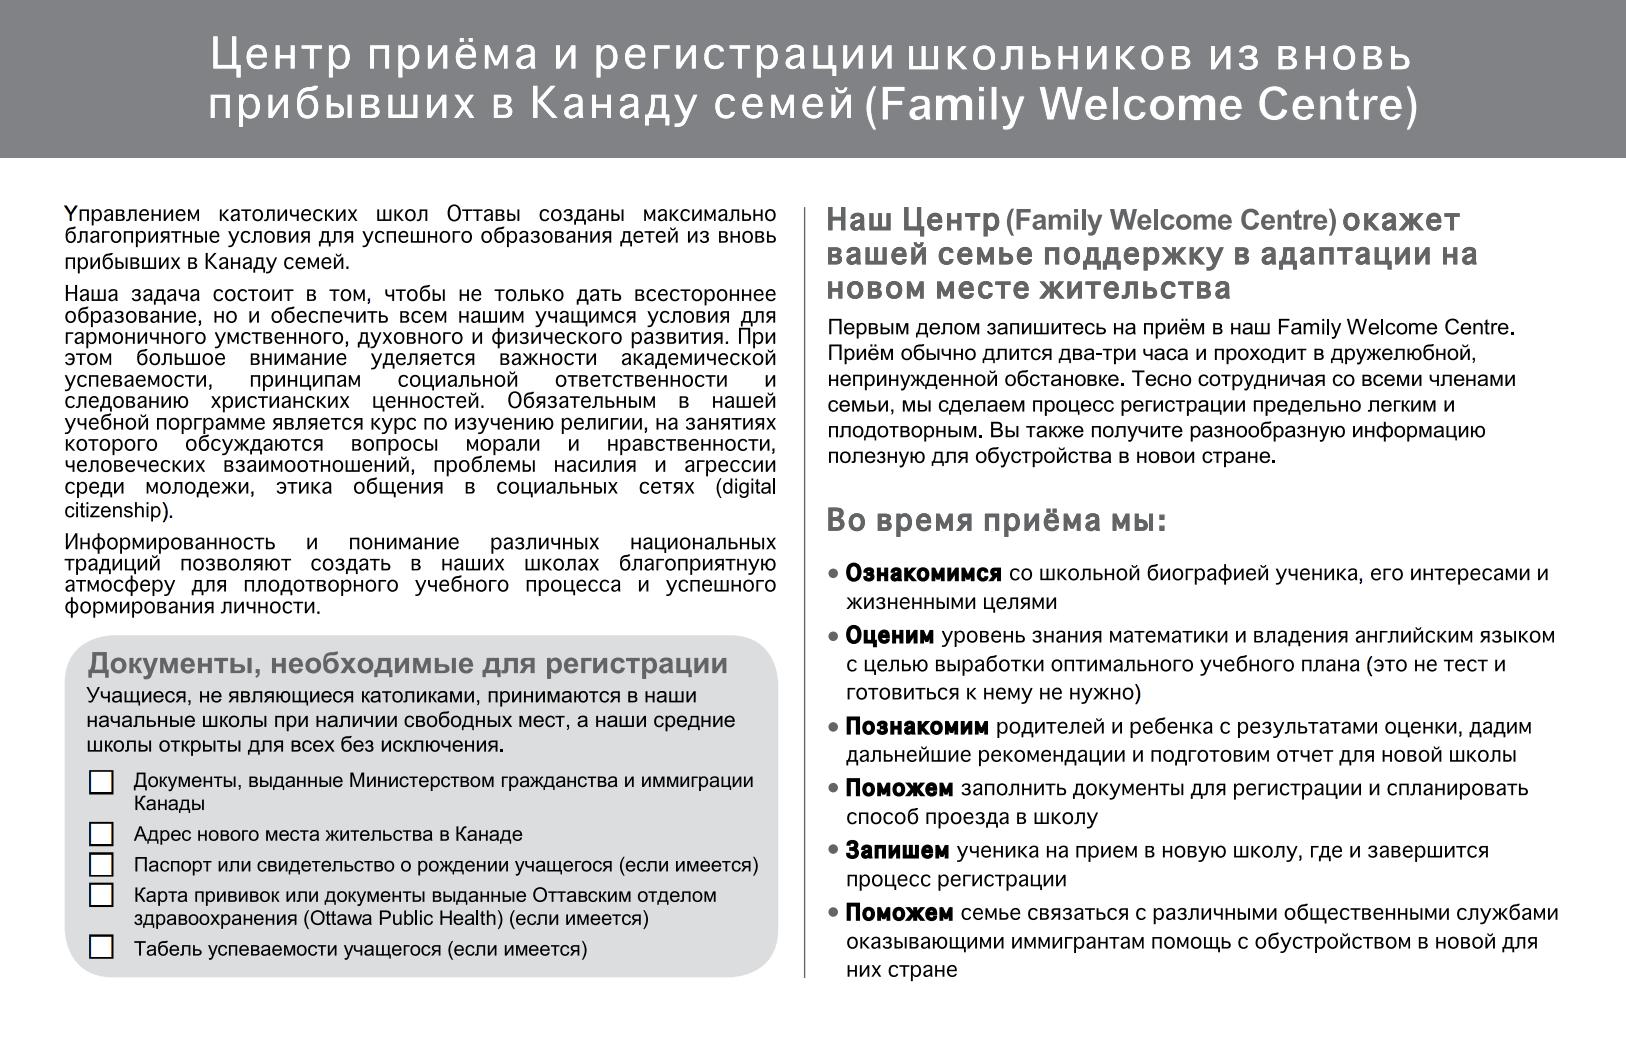 русский - OCSB